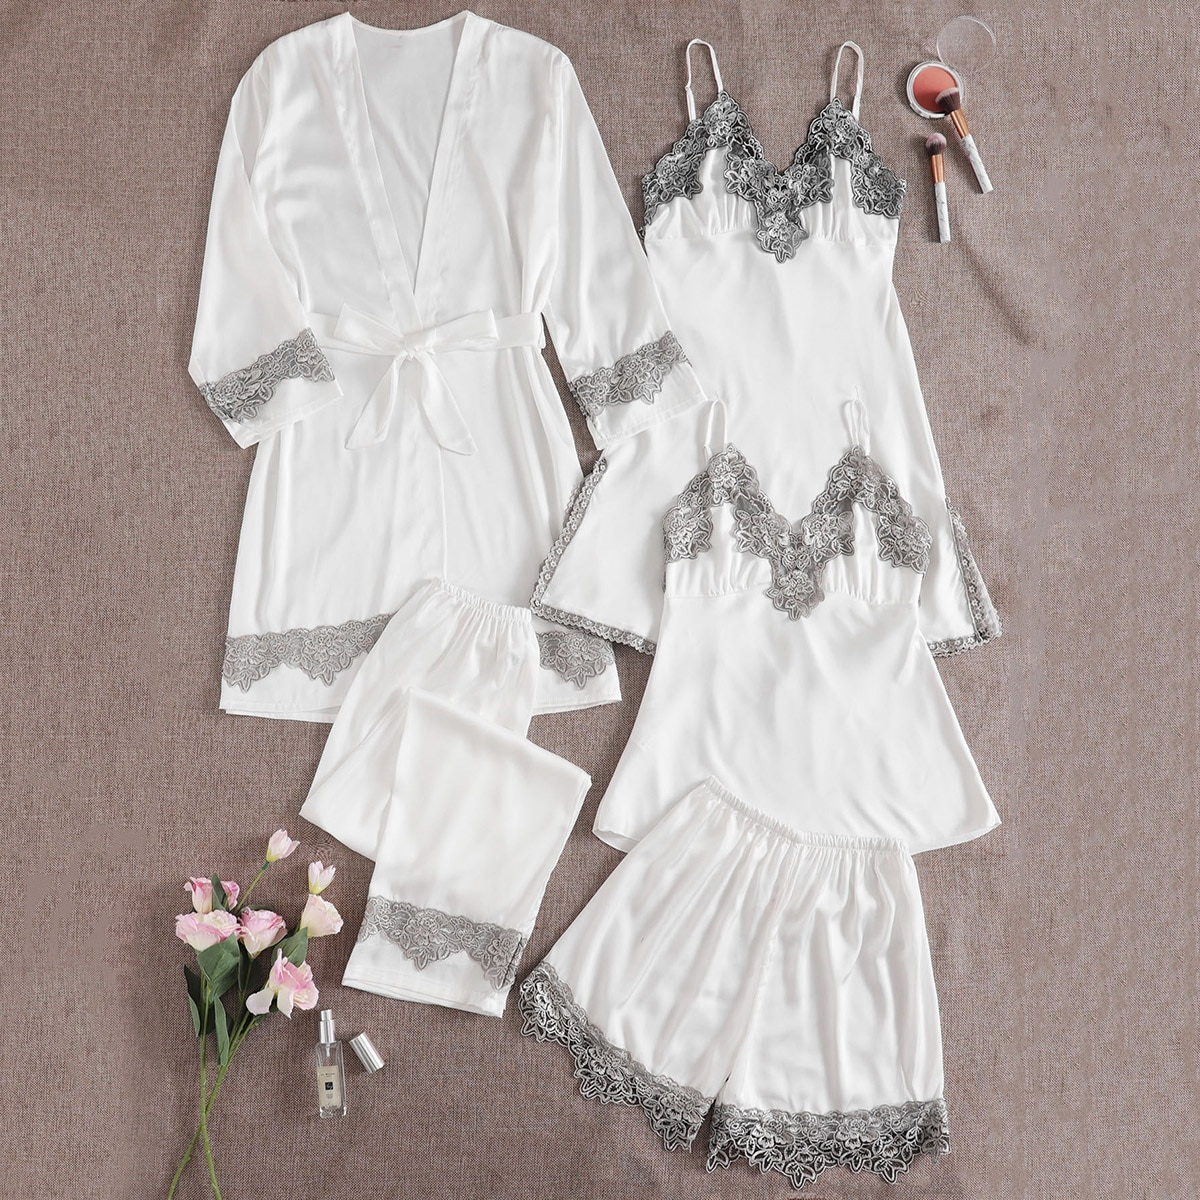 5шт атласная пижама с поясом и кружевом